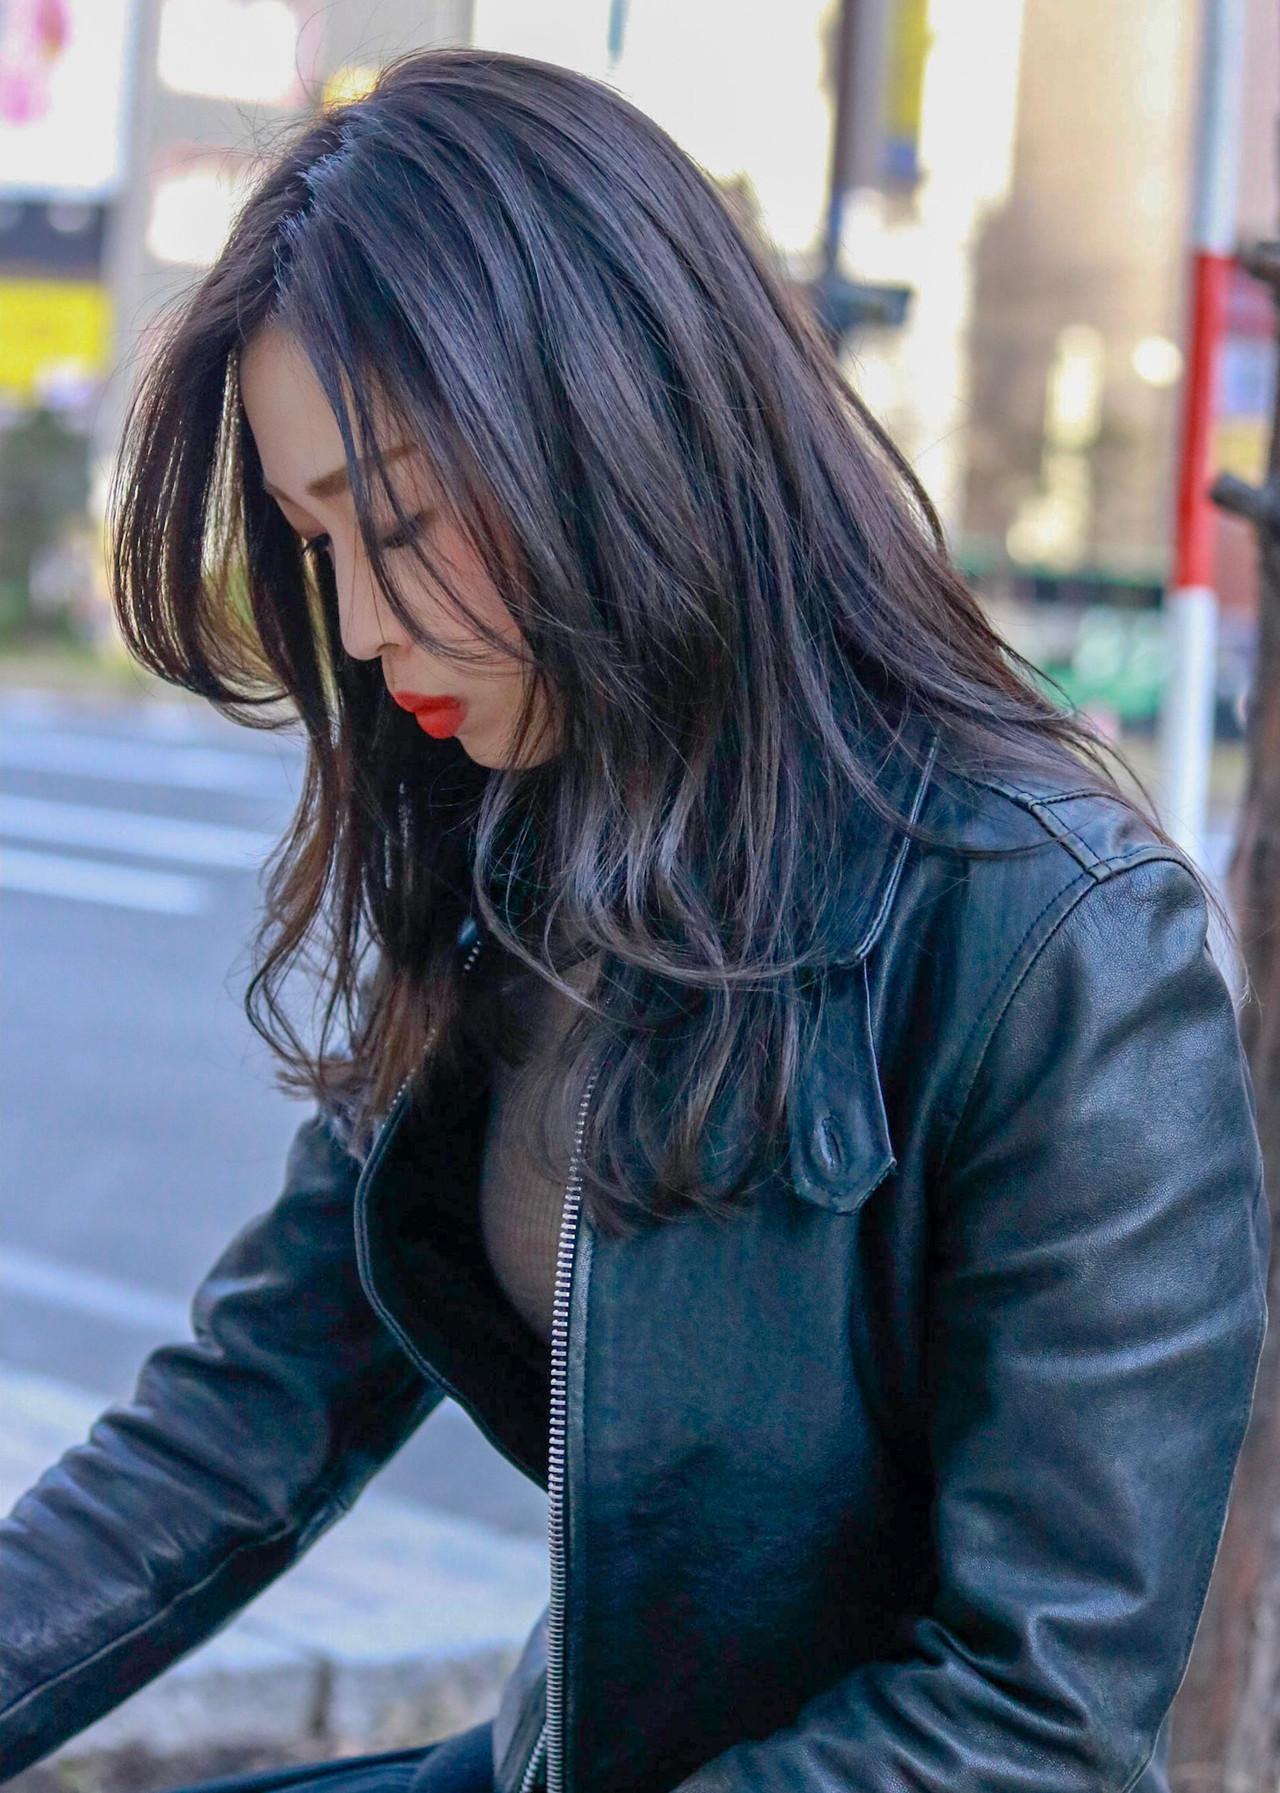 ネイビーカラーで作るナチュラルな透明感溢れる暗髪ロングヘア 清水 翔五sofa